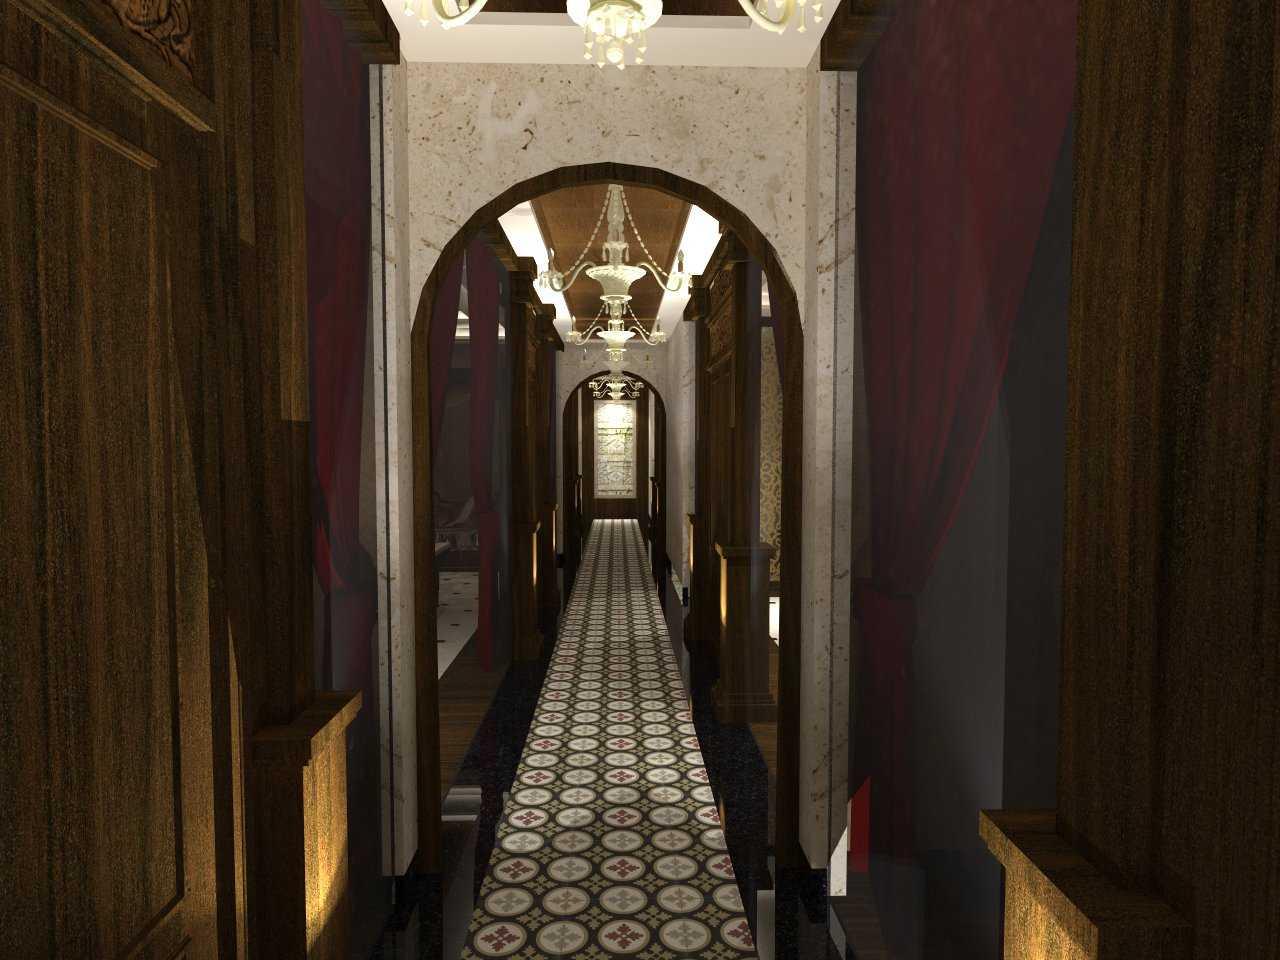 Foto inspirasi ide desain tradisional Hallway-view-b-final-02 oleh TMS Creative di Arsitag